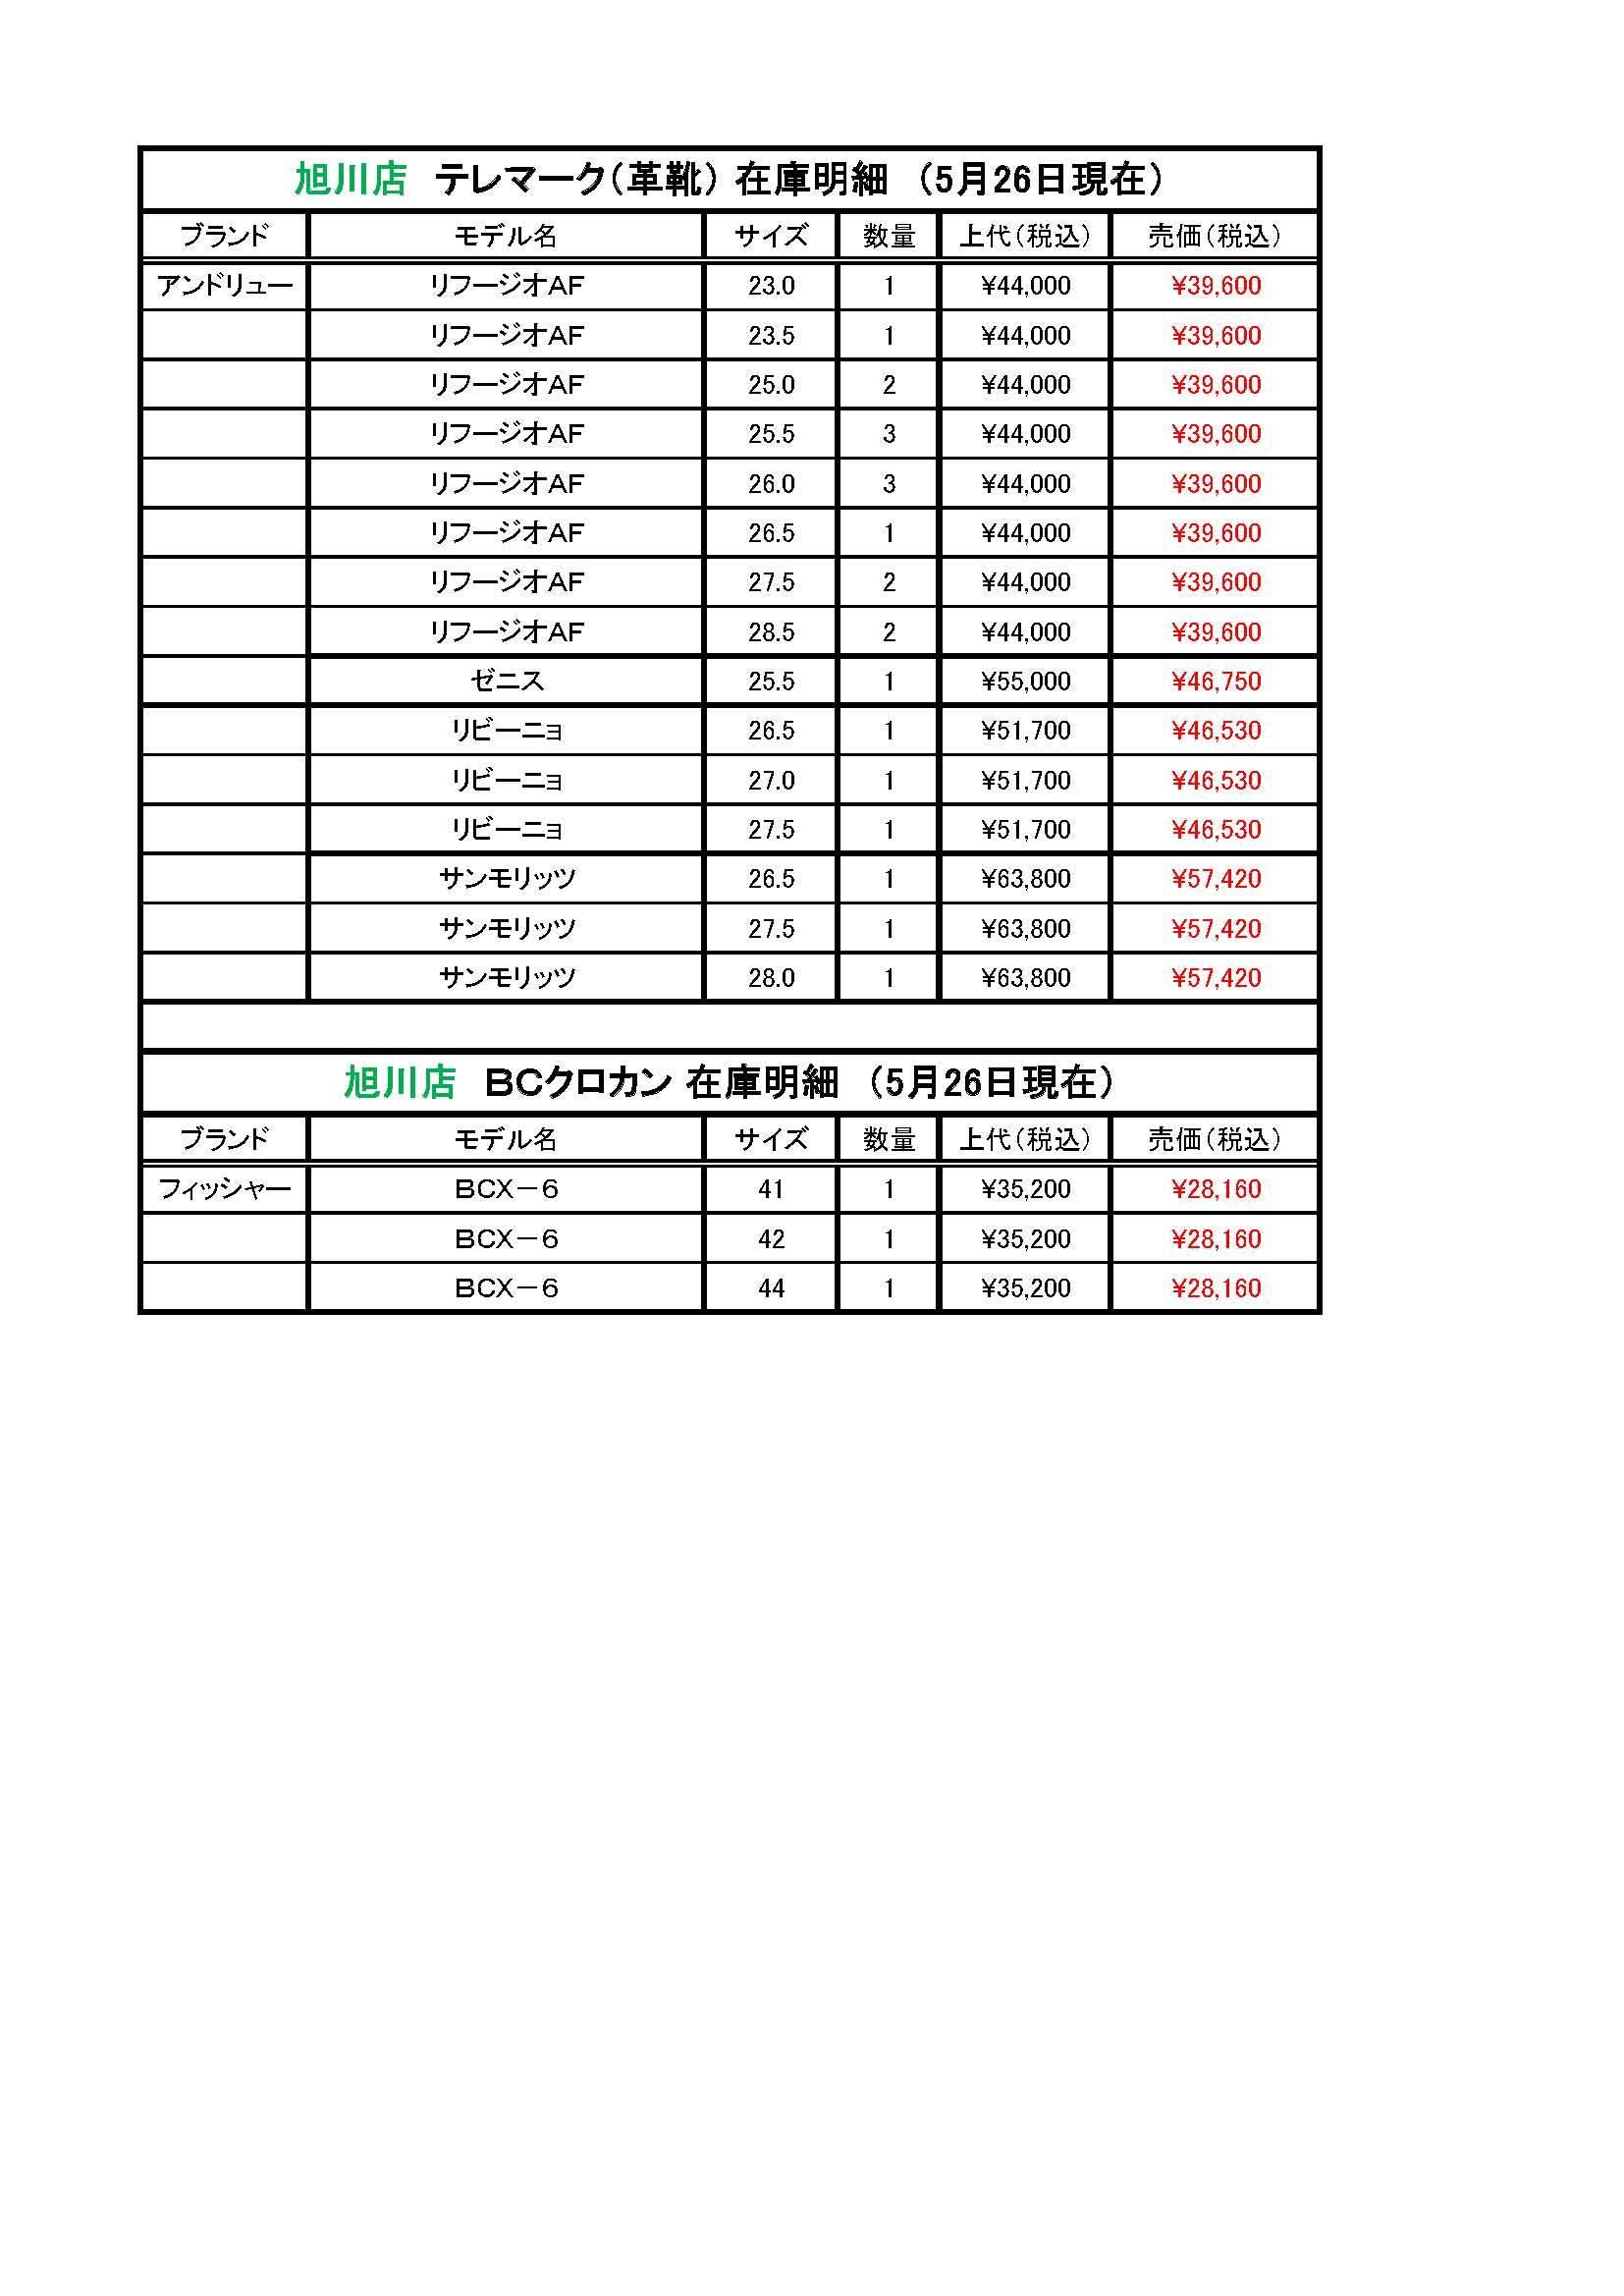 秀岳荘各店舗のスキー関係在庫状況です。_b0209862_16191874.jpg